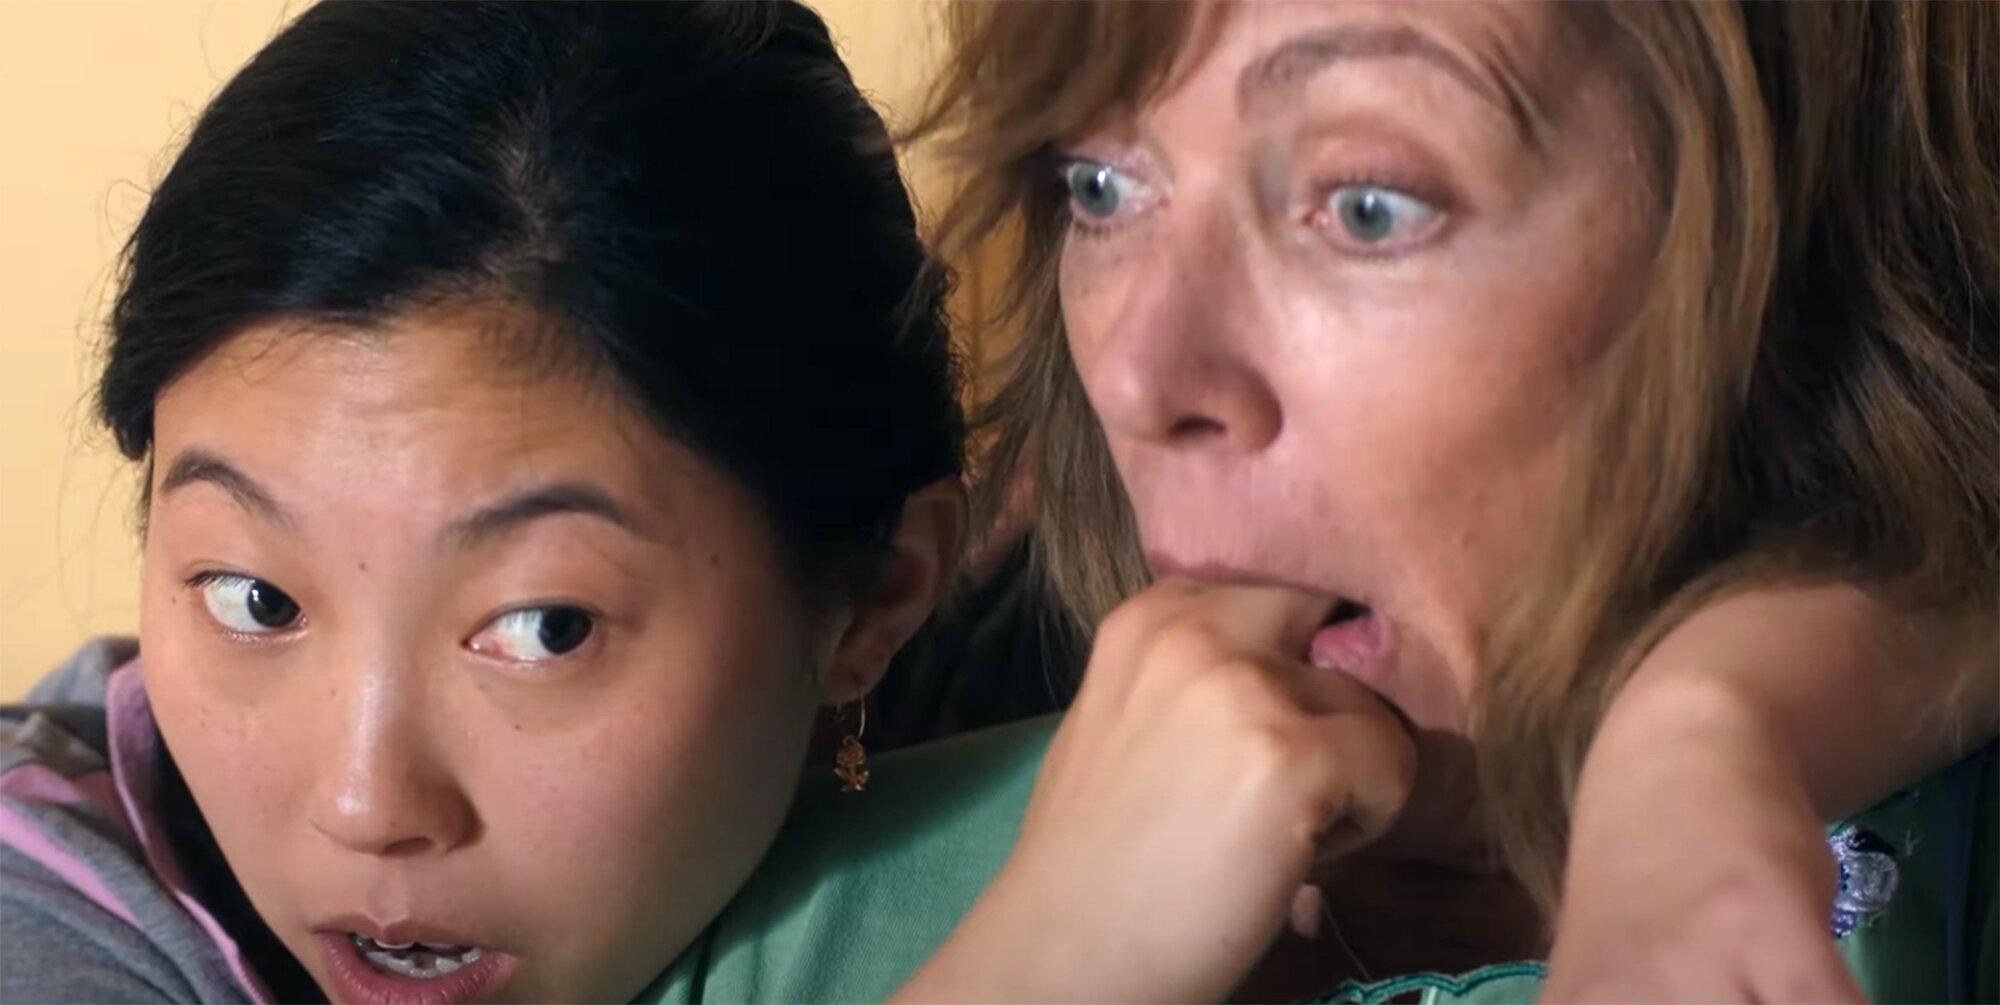 Дати дуба в окрузі Юба: вийшов трейлер фільму з Еллісон Дженні та Мілою Куніс